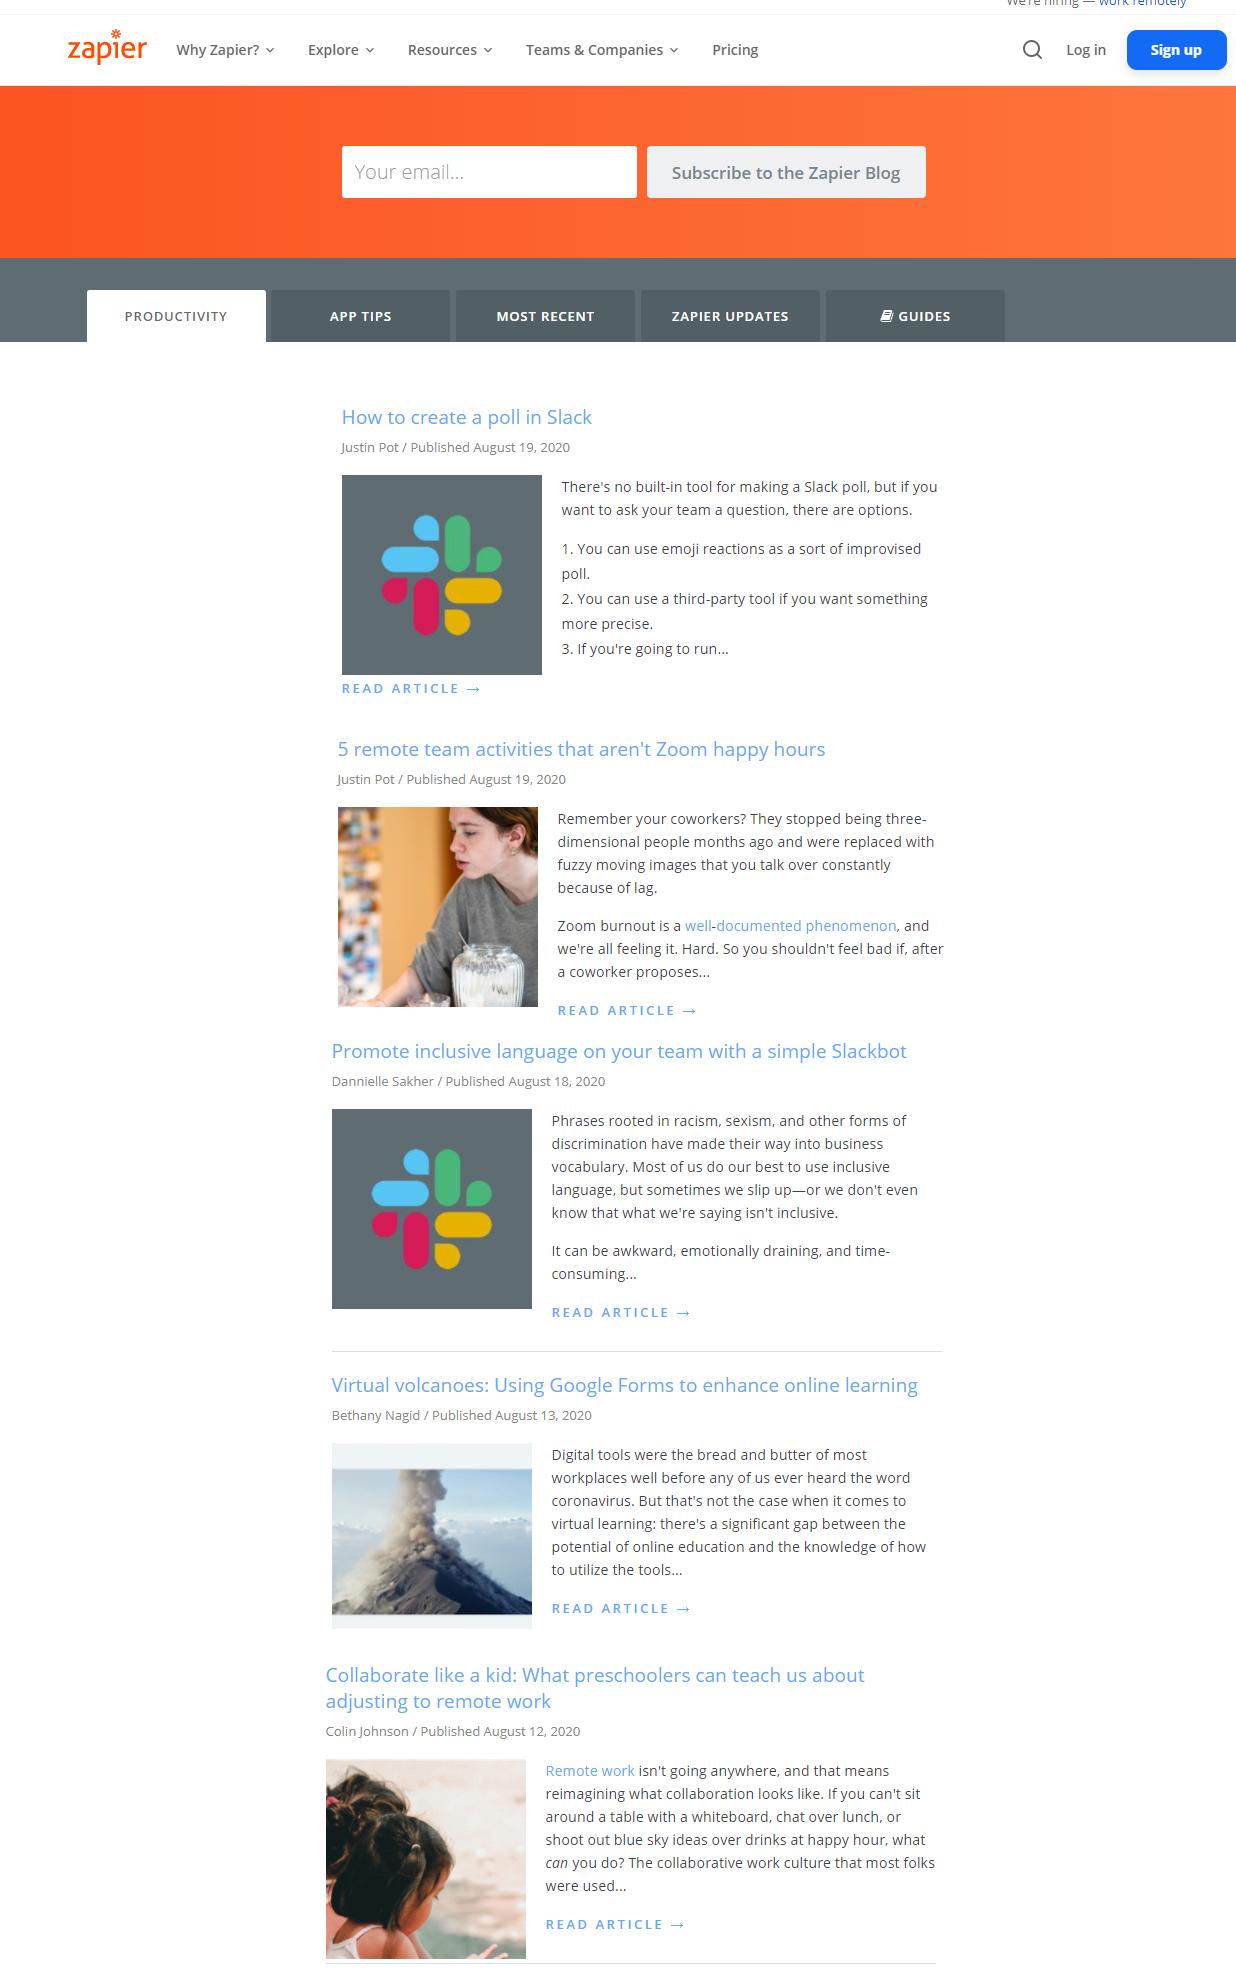 SaaS Inbound Marketing Case Study - Blog Writing